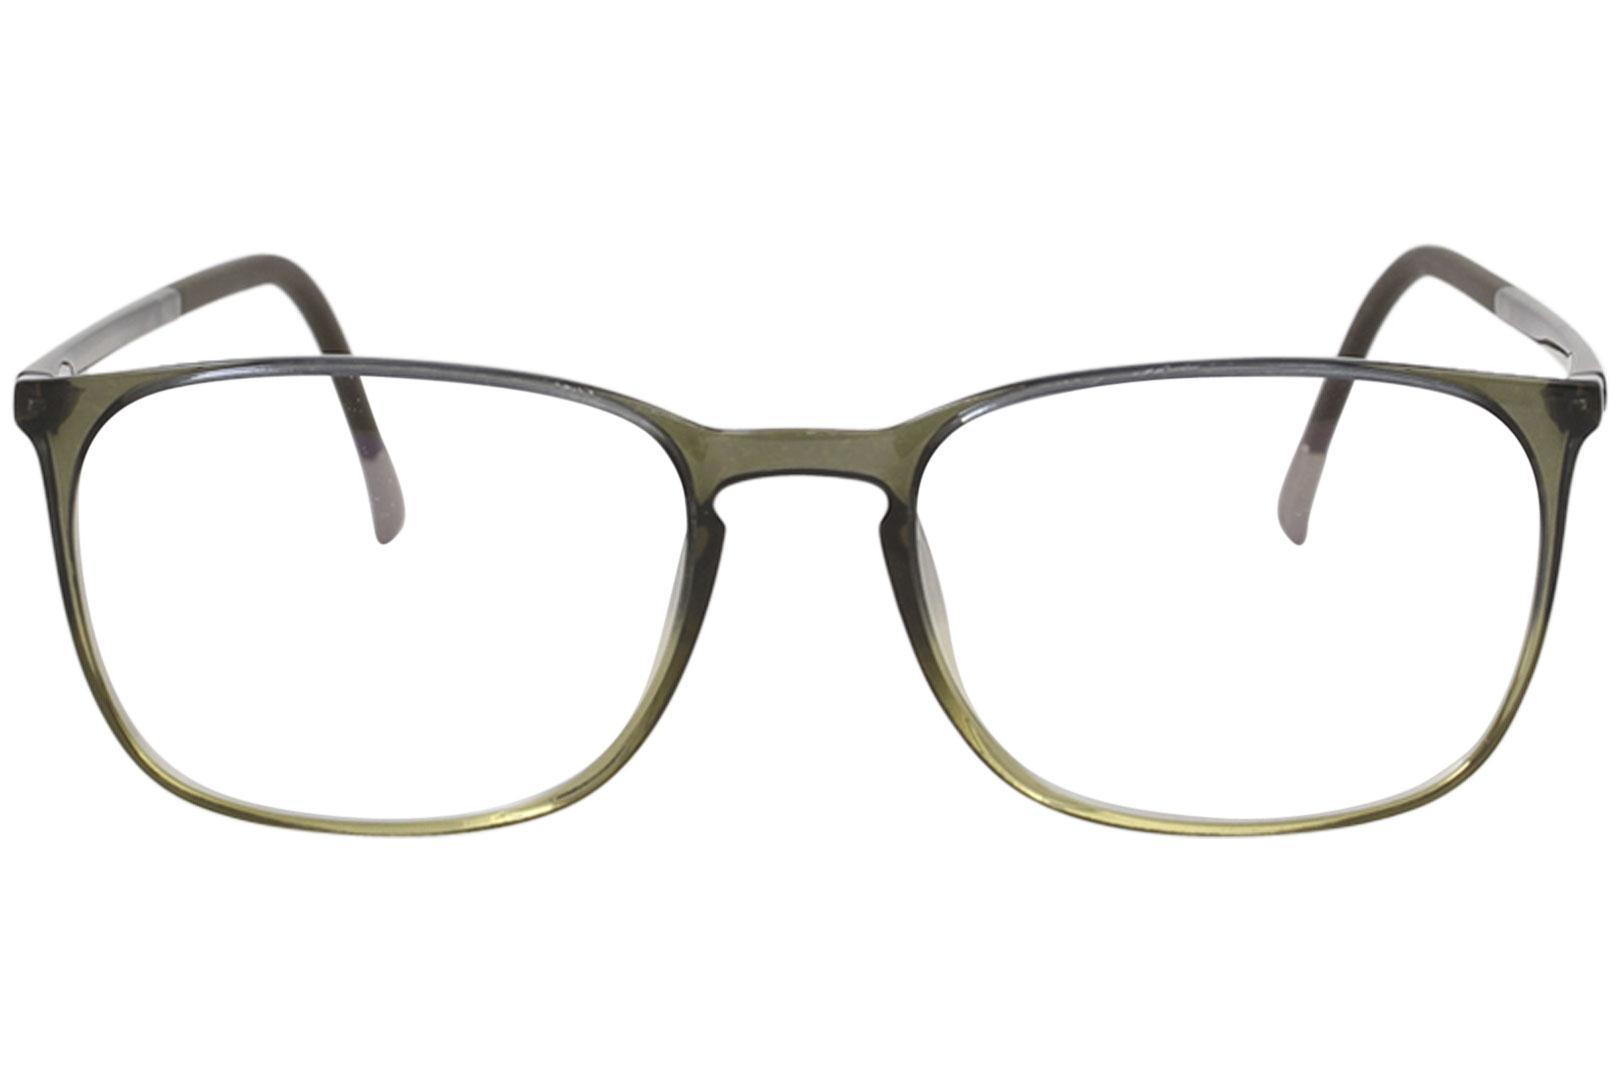 26c83e15913 Silhouette Men s Eyeglasses SPX Illusion 2911 Full Rim Optical Frame by  Silhouette